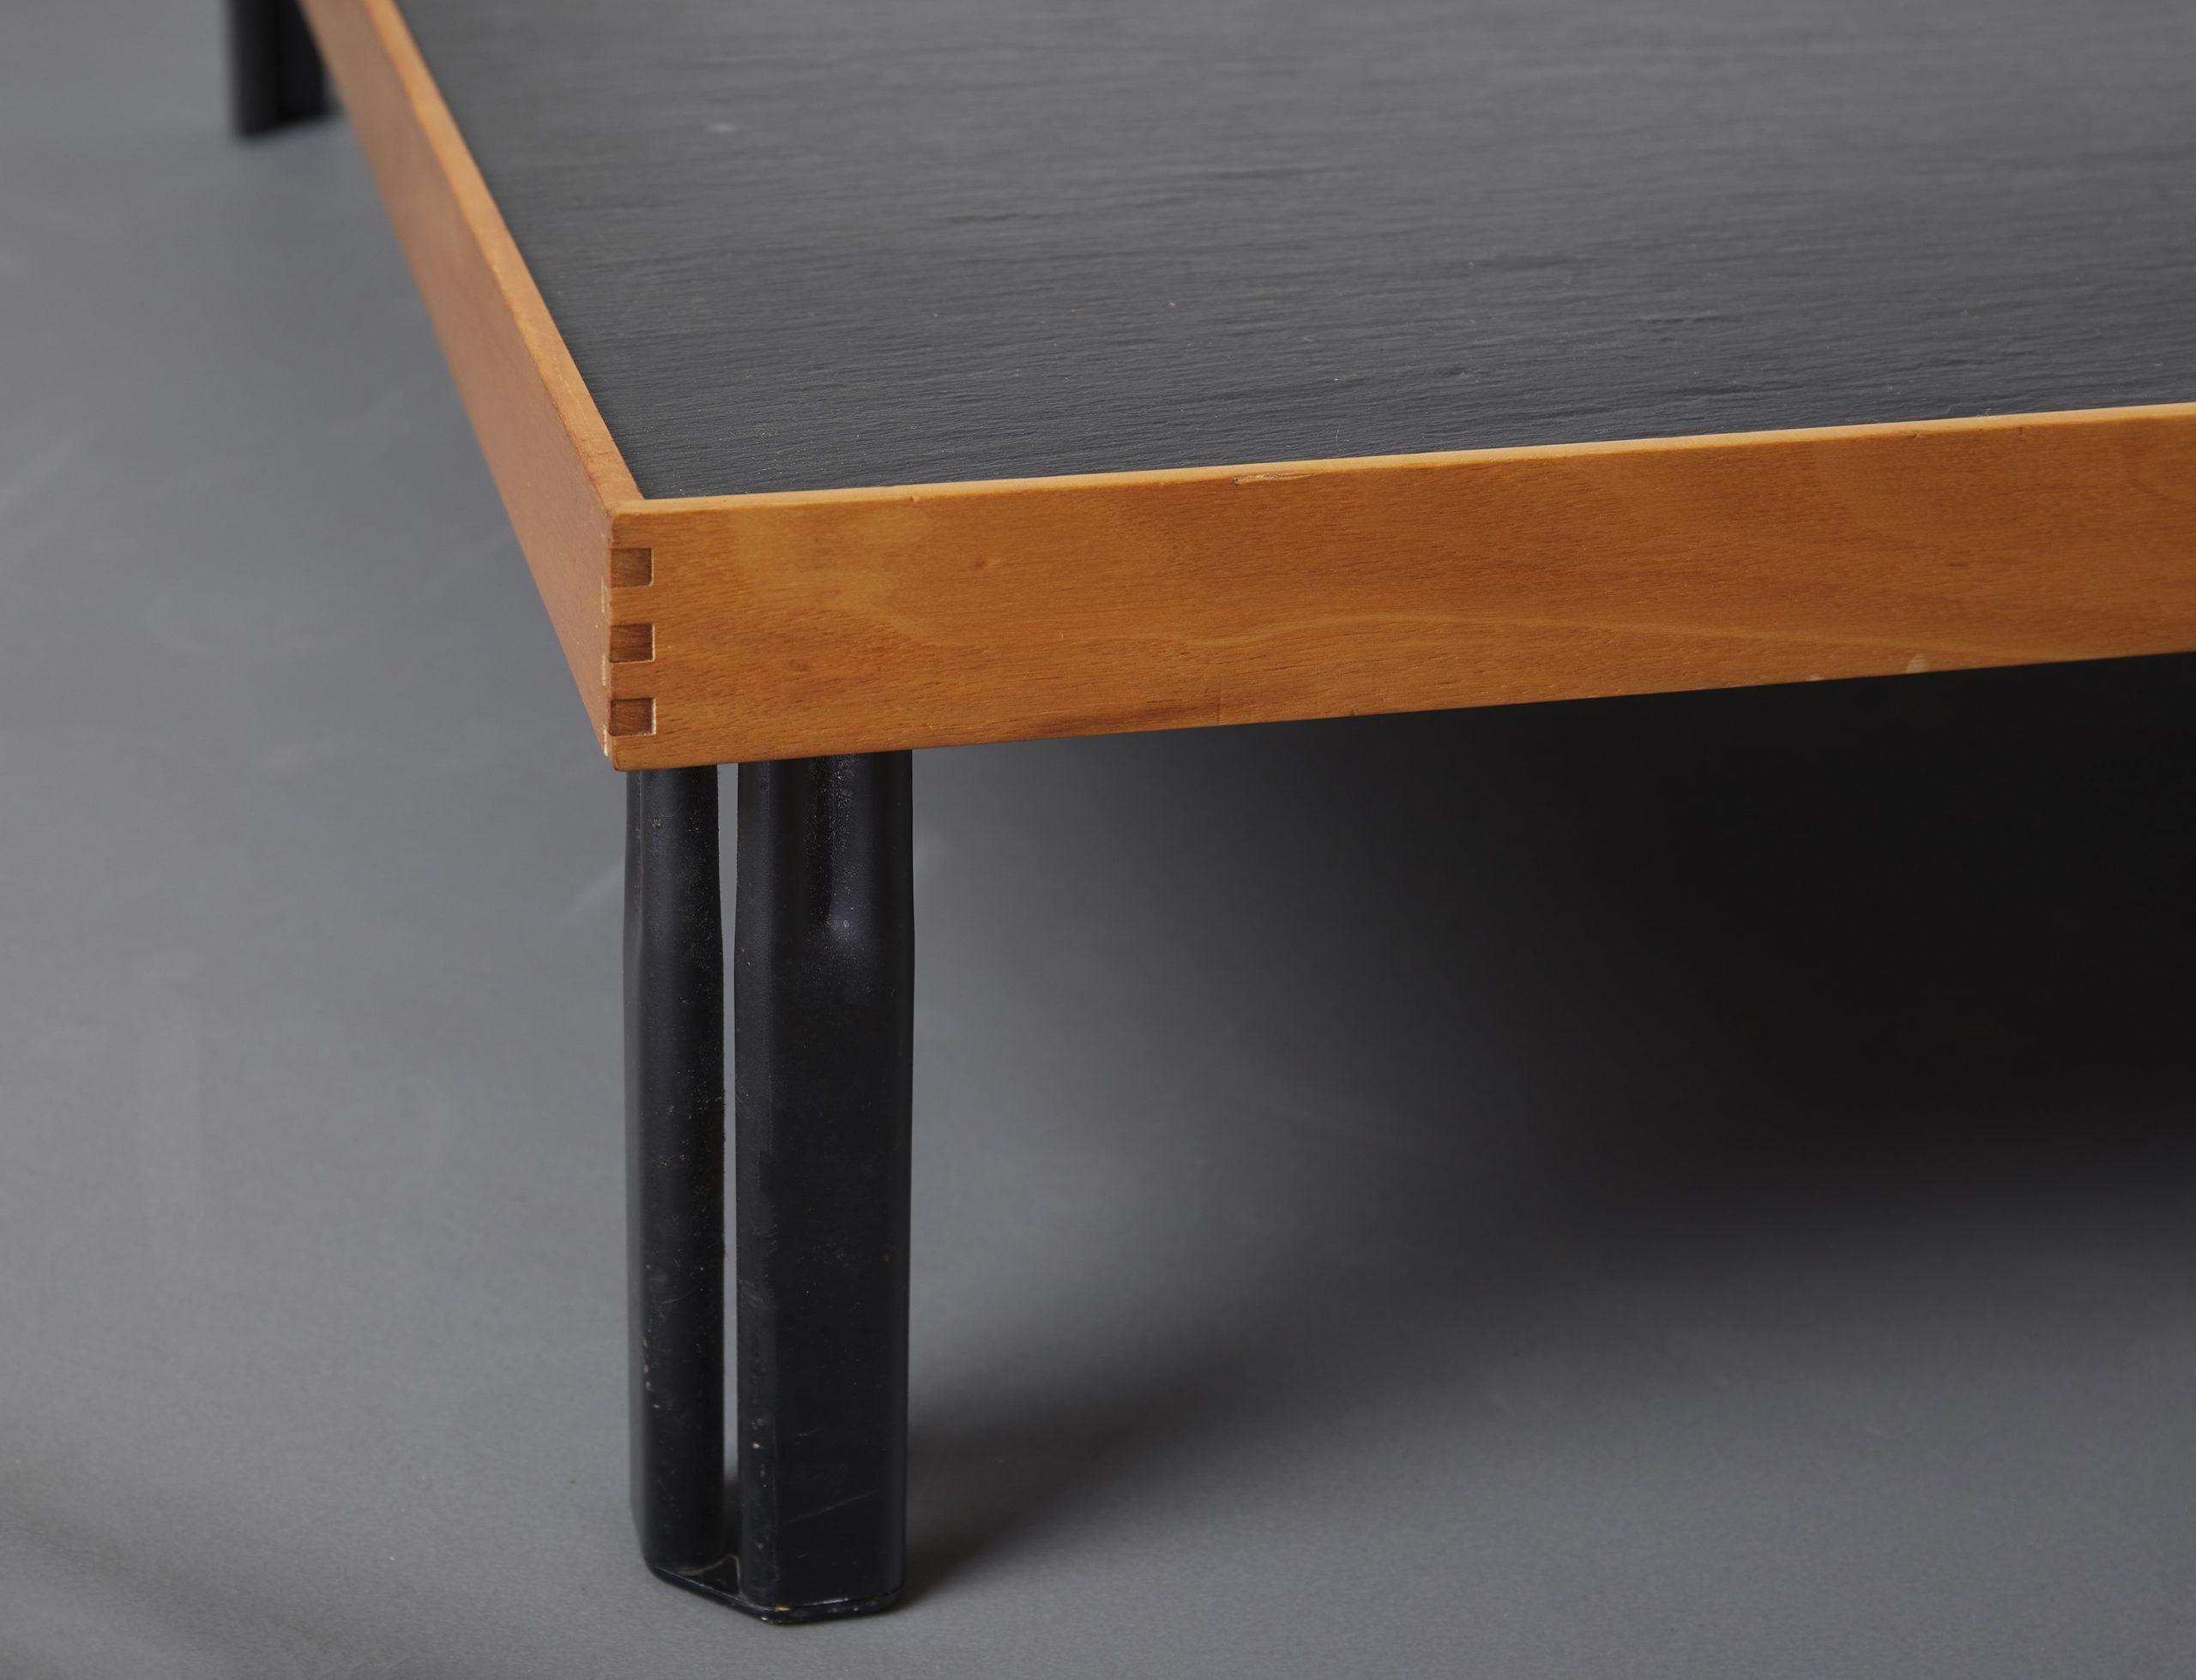 naviglio-coffee-table-by-piero-de-martini-cassina-1980-image-03